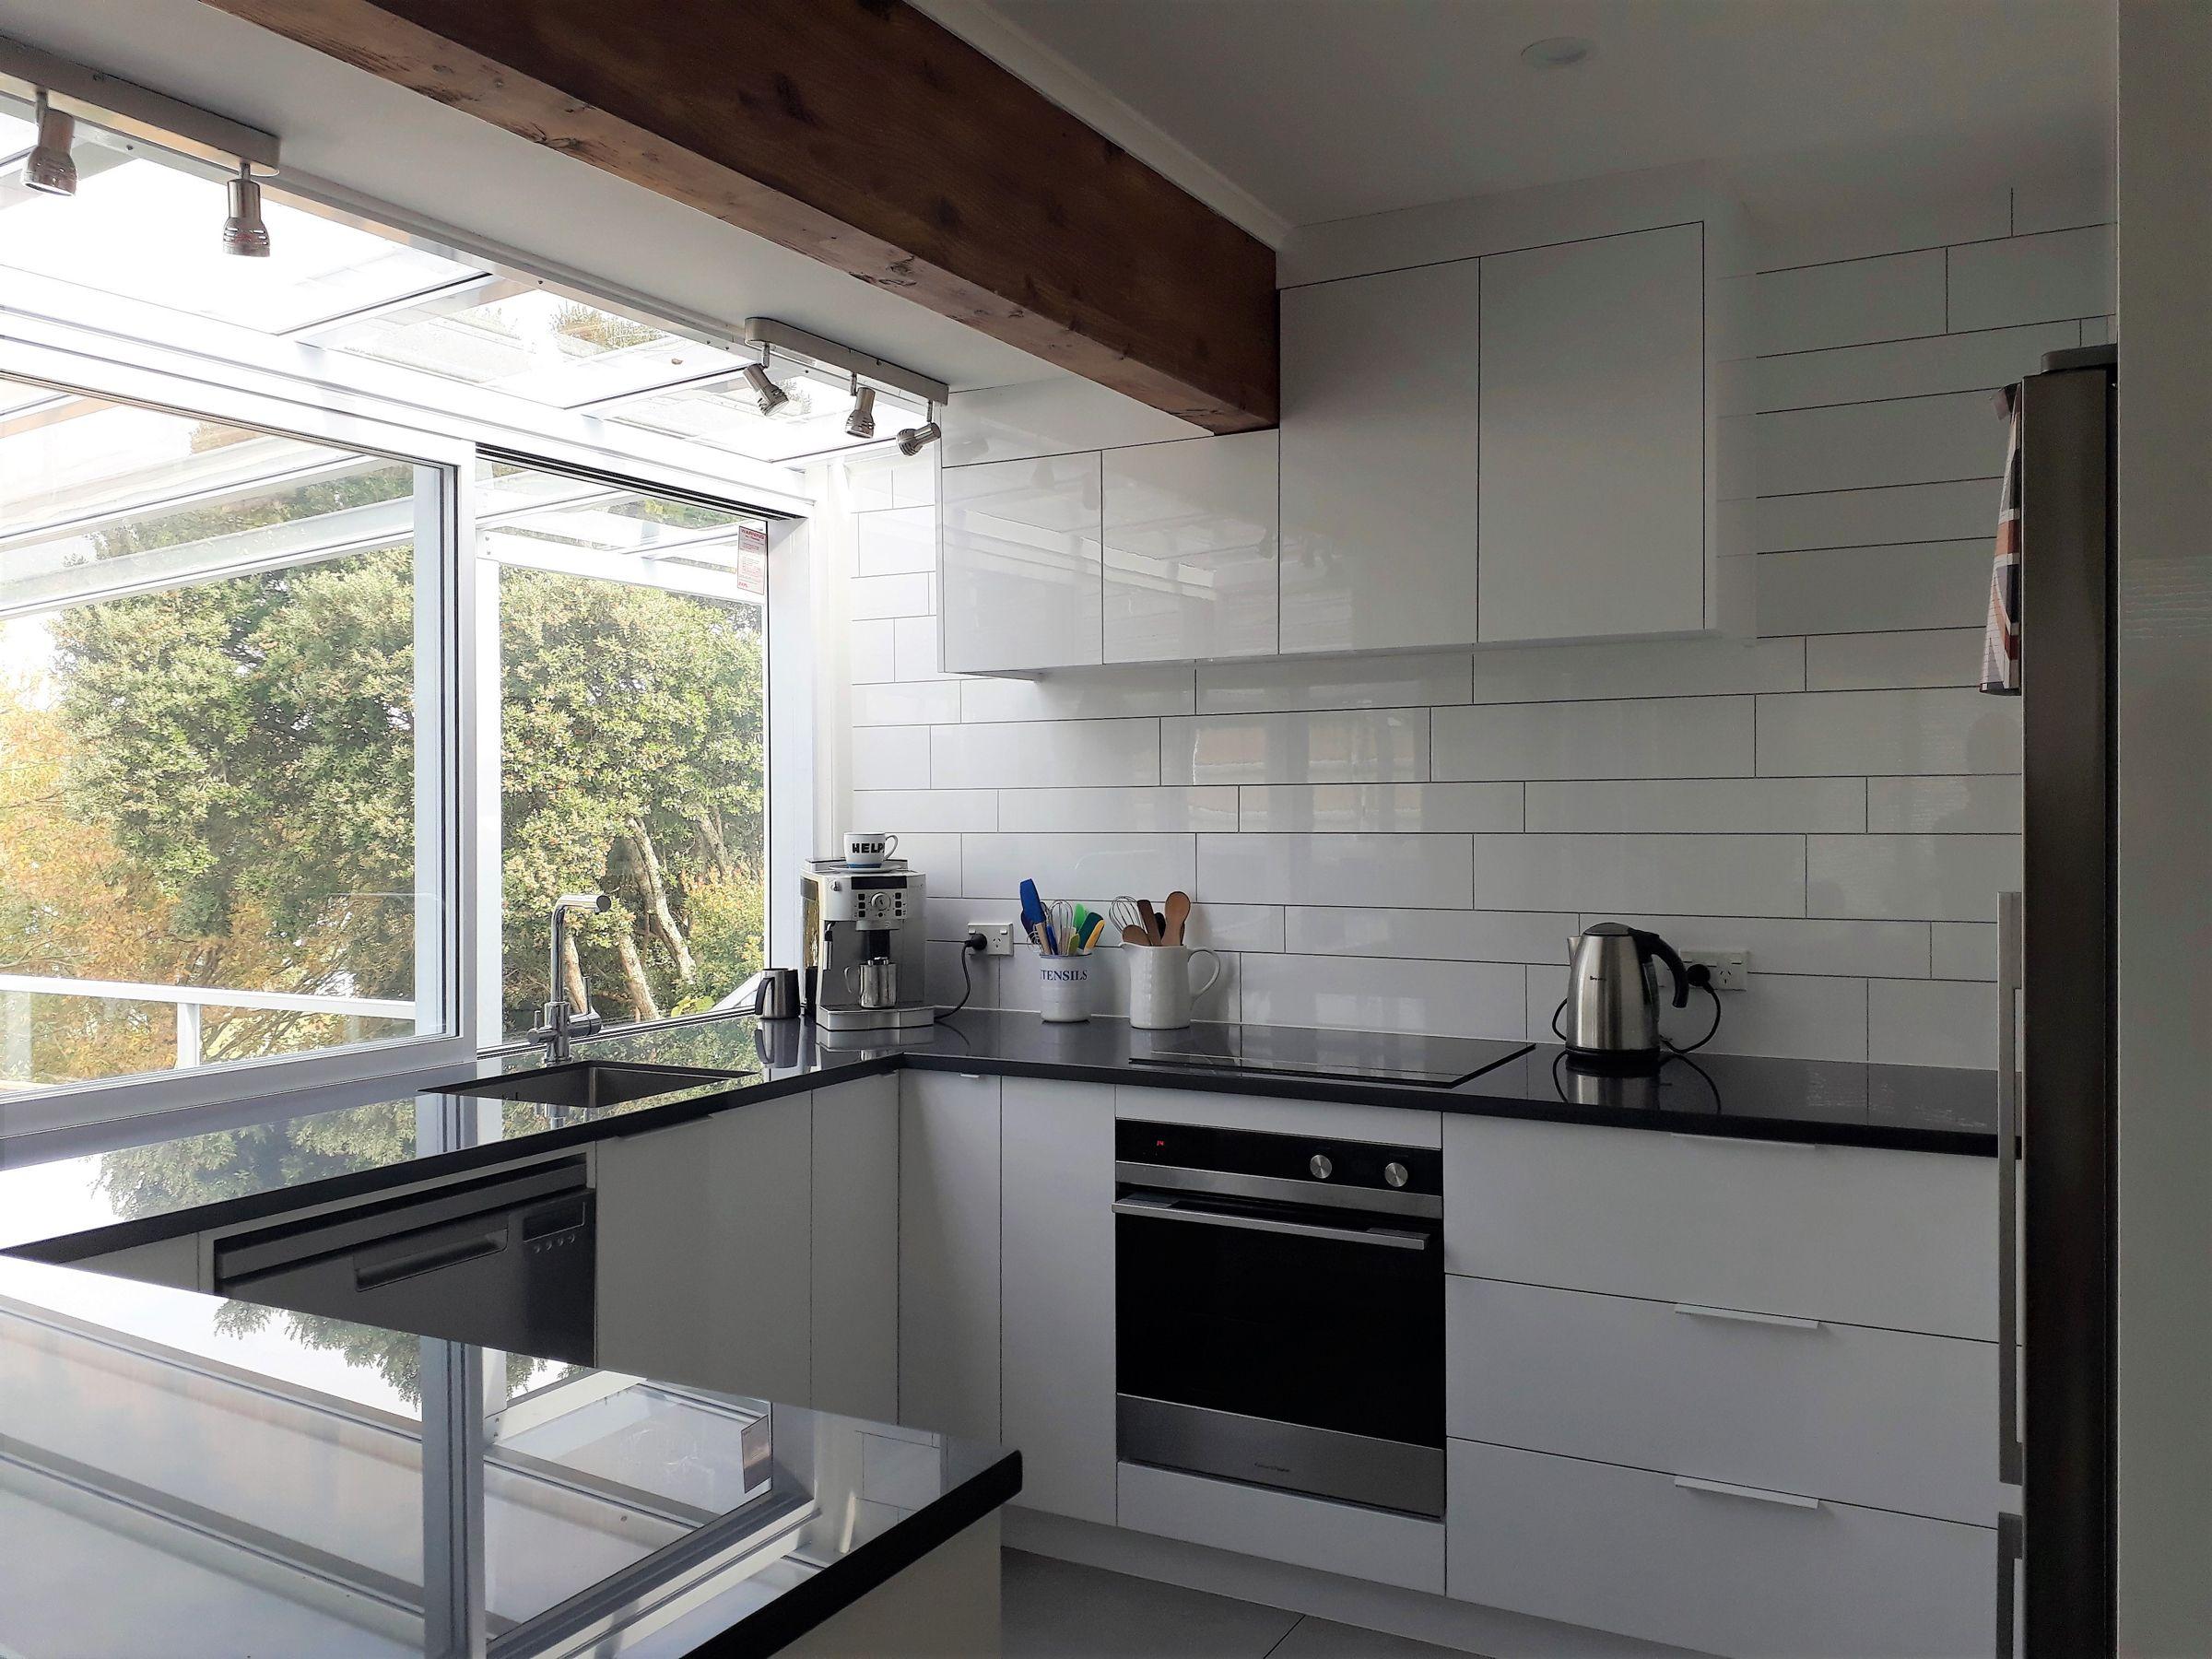 Monarch Kitchen Kitchen Inspirations Design Your Kitchen